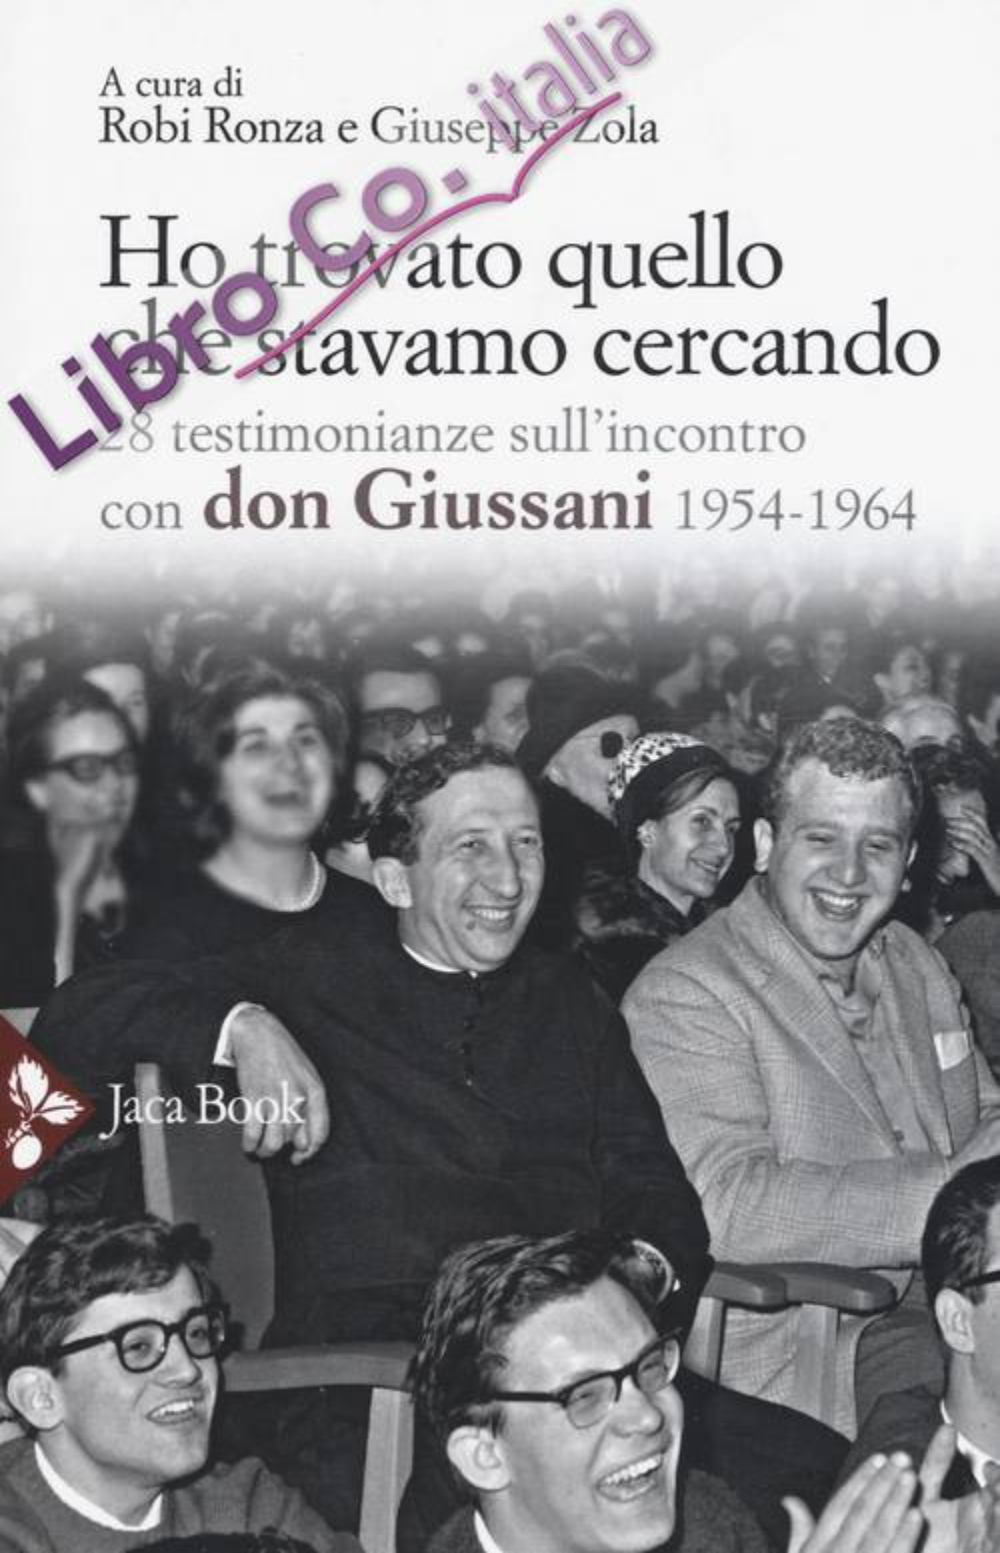 Ho trovato quello che stavamo cercando. 28 testimonianze sull'incontro con don Giussani